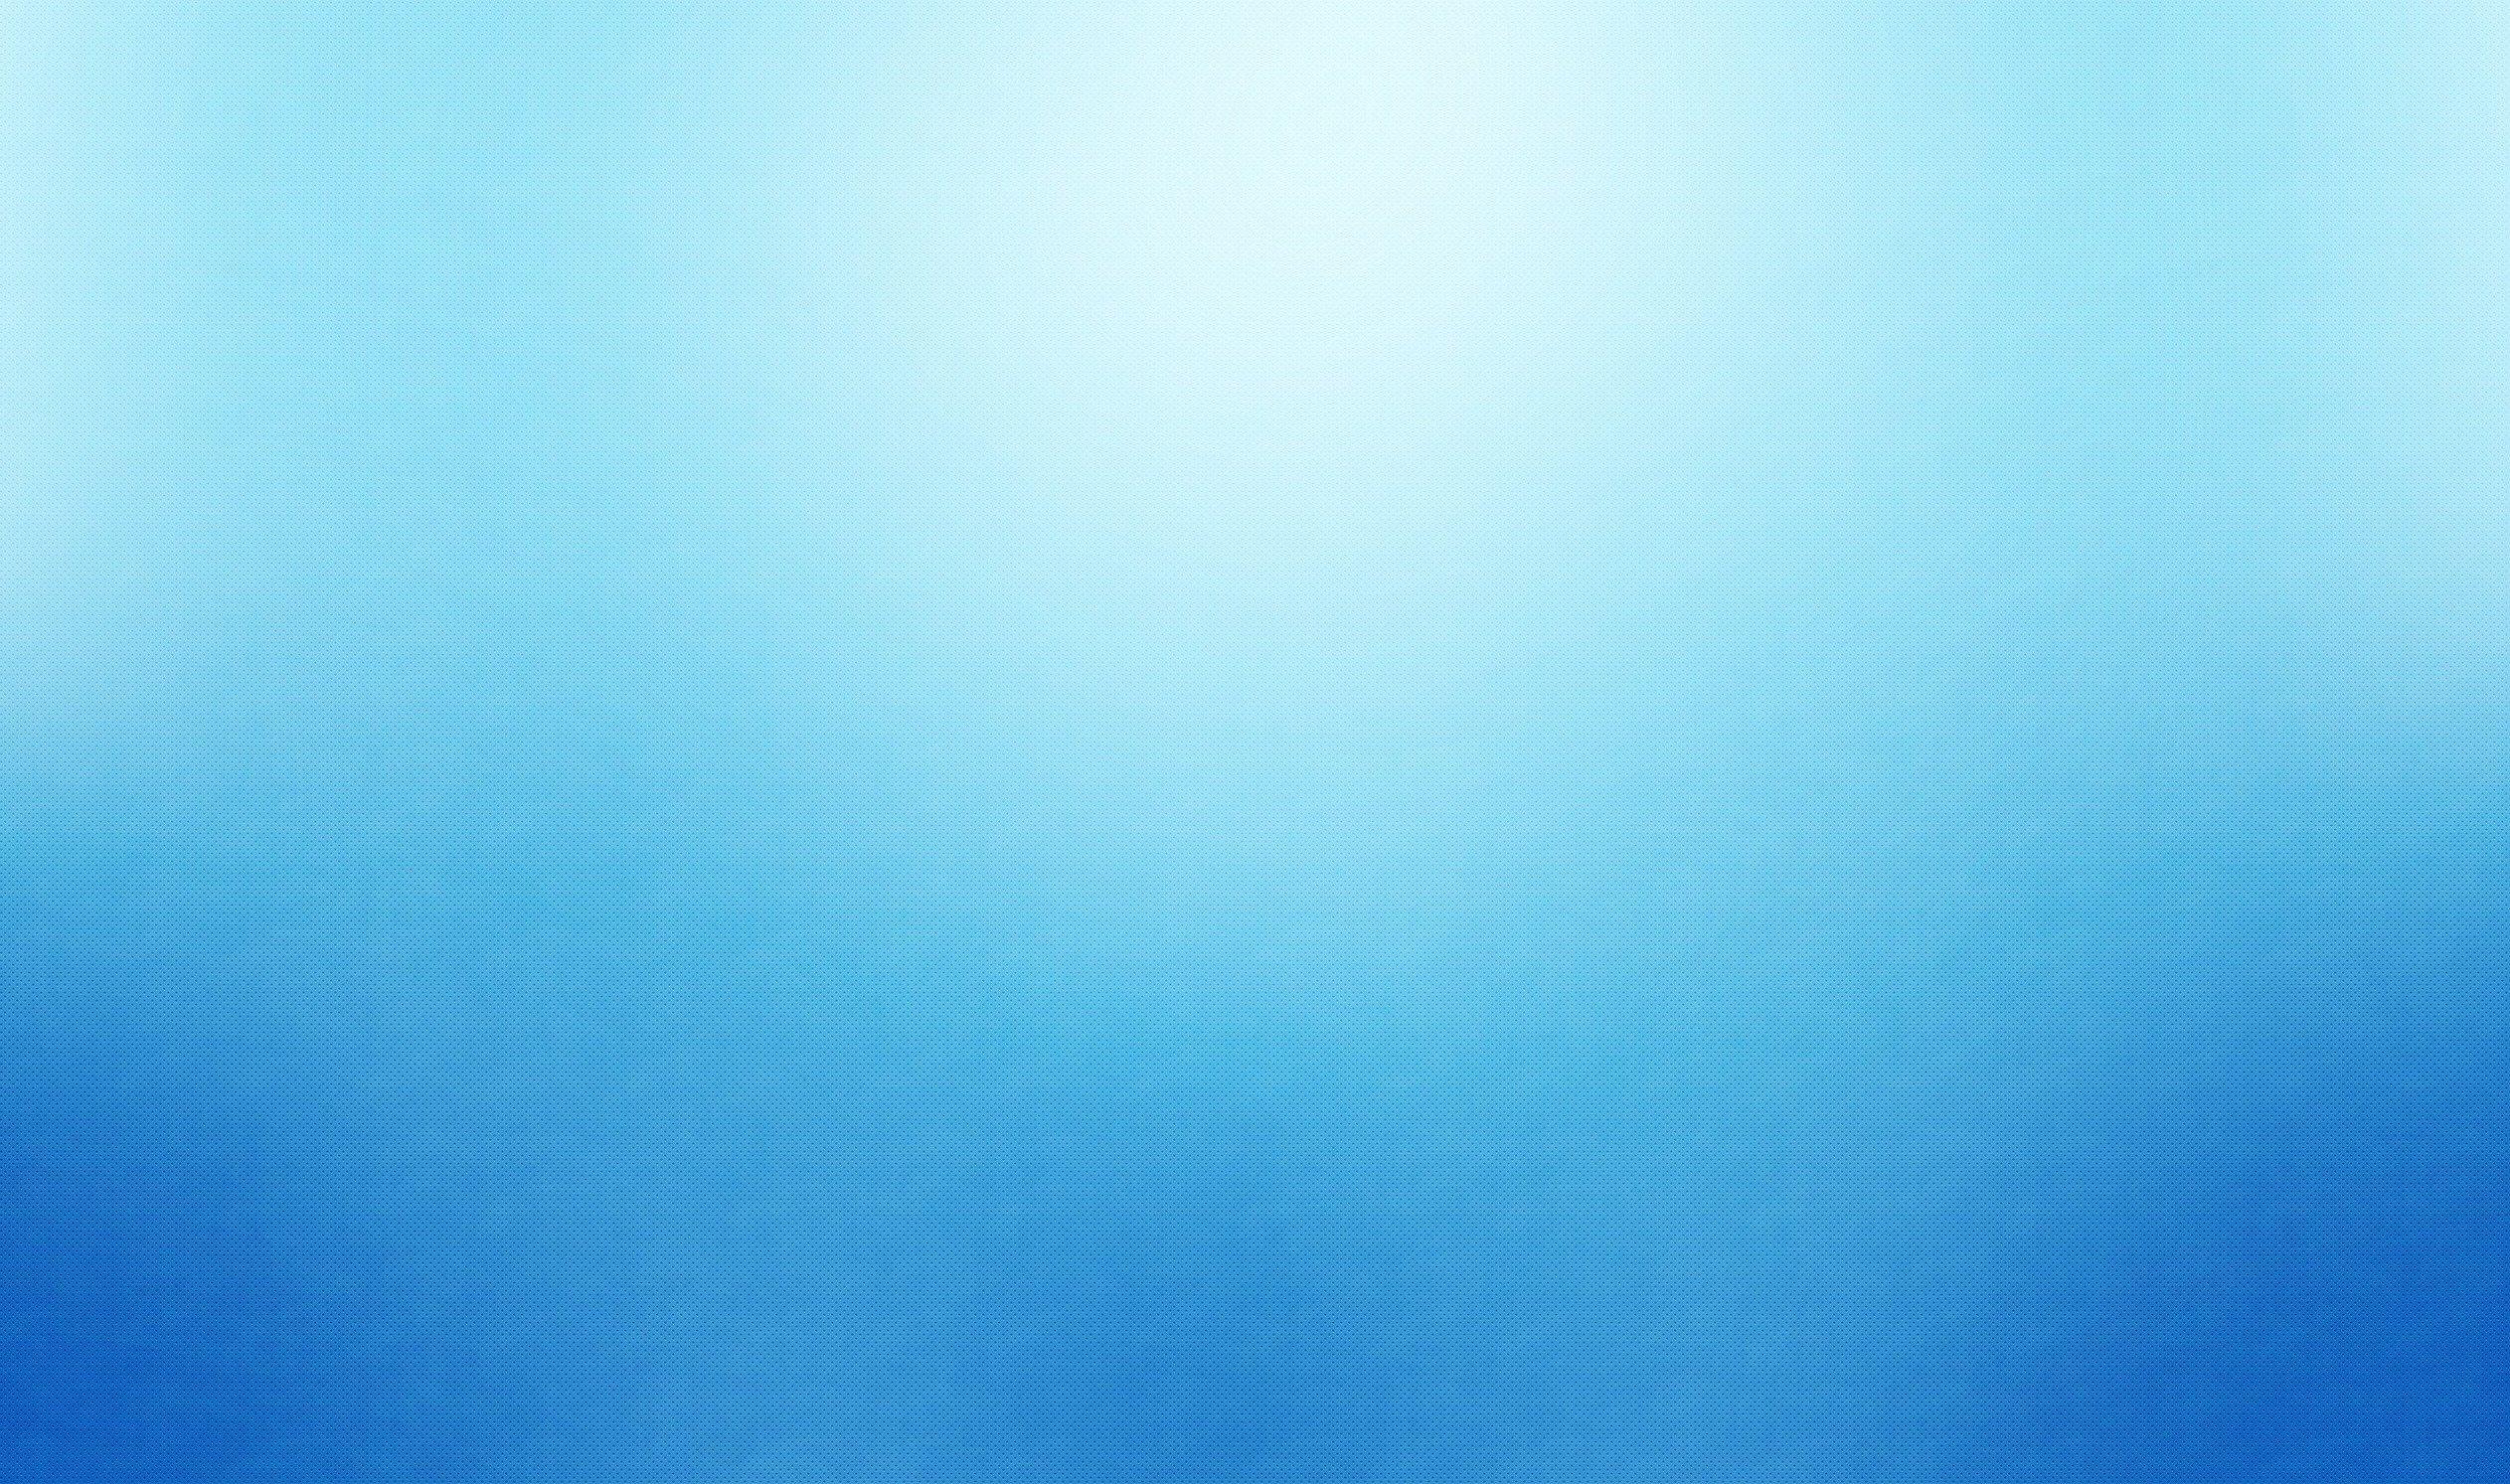 Background_CP_Video.jpg